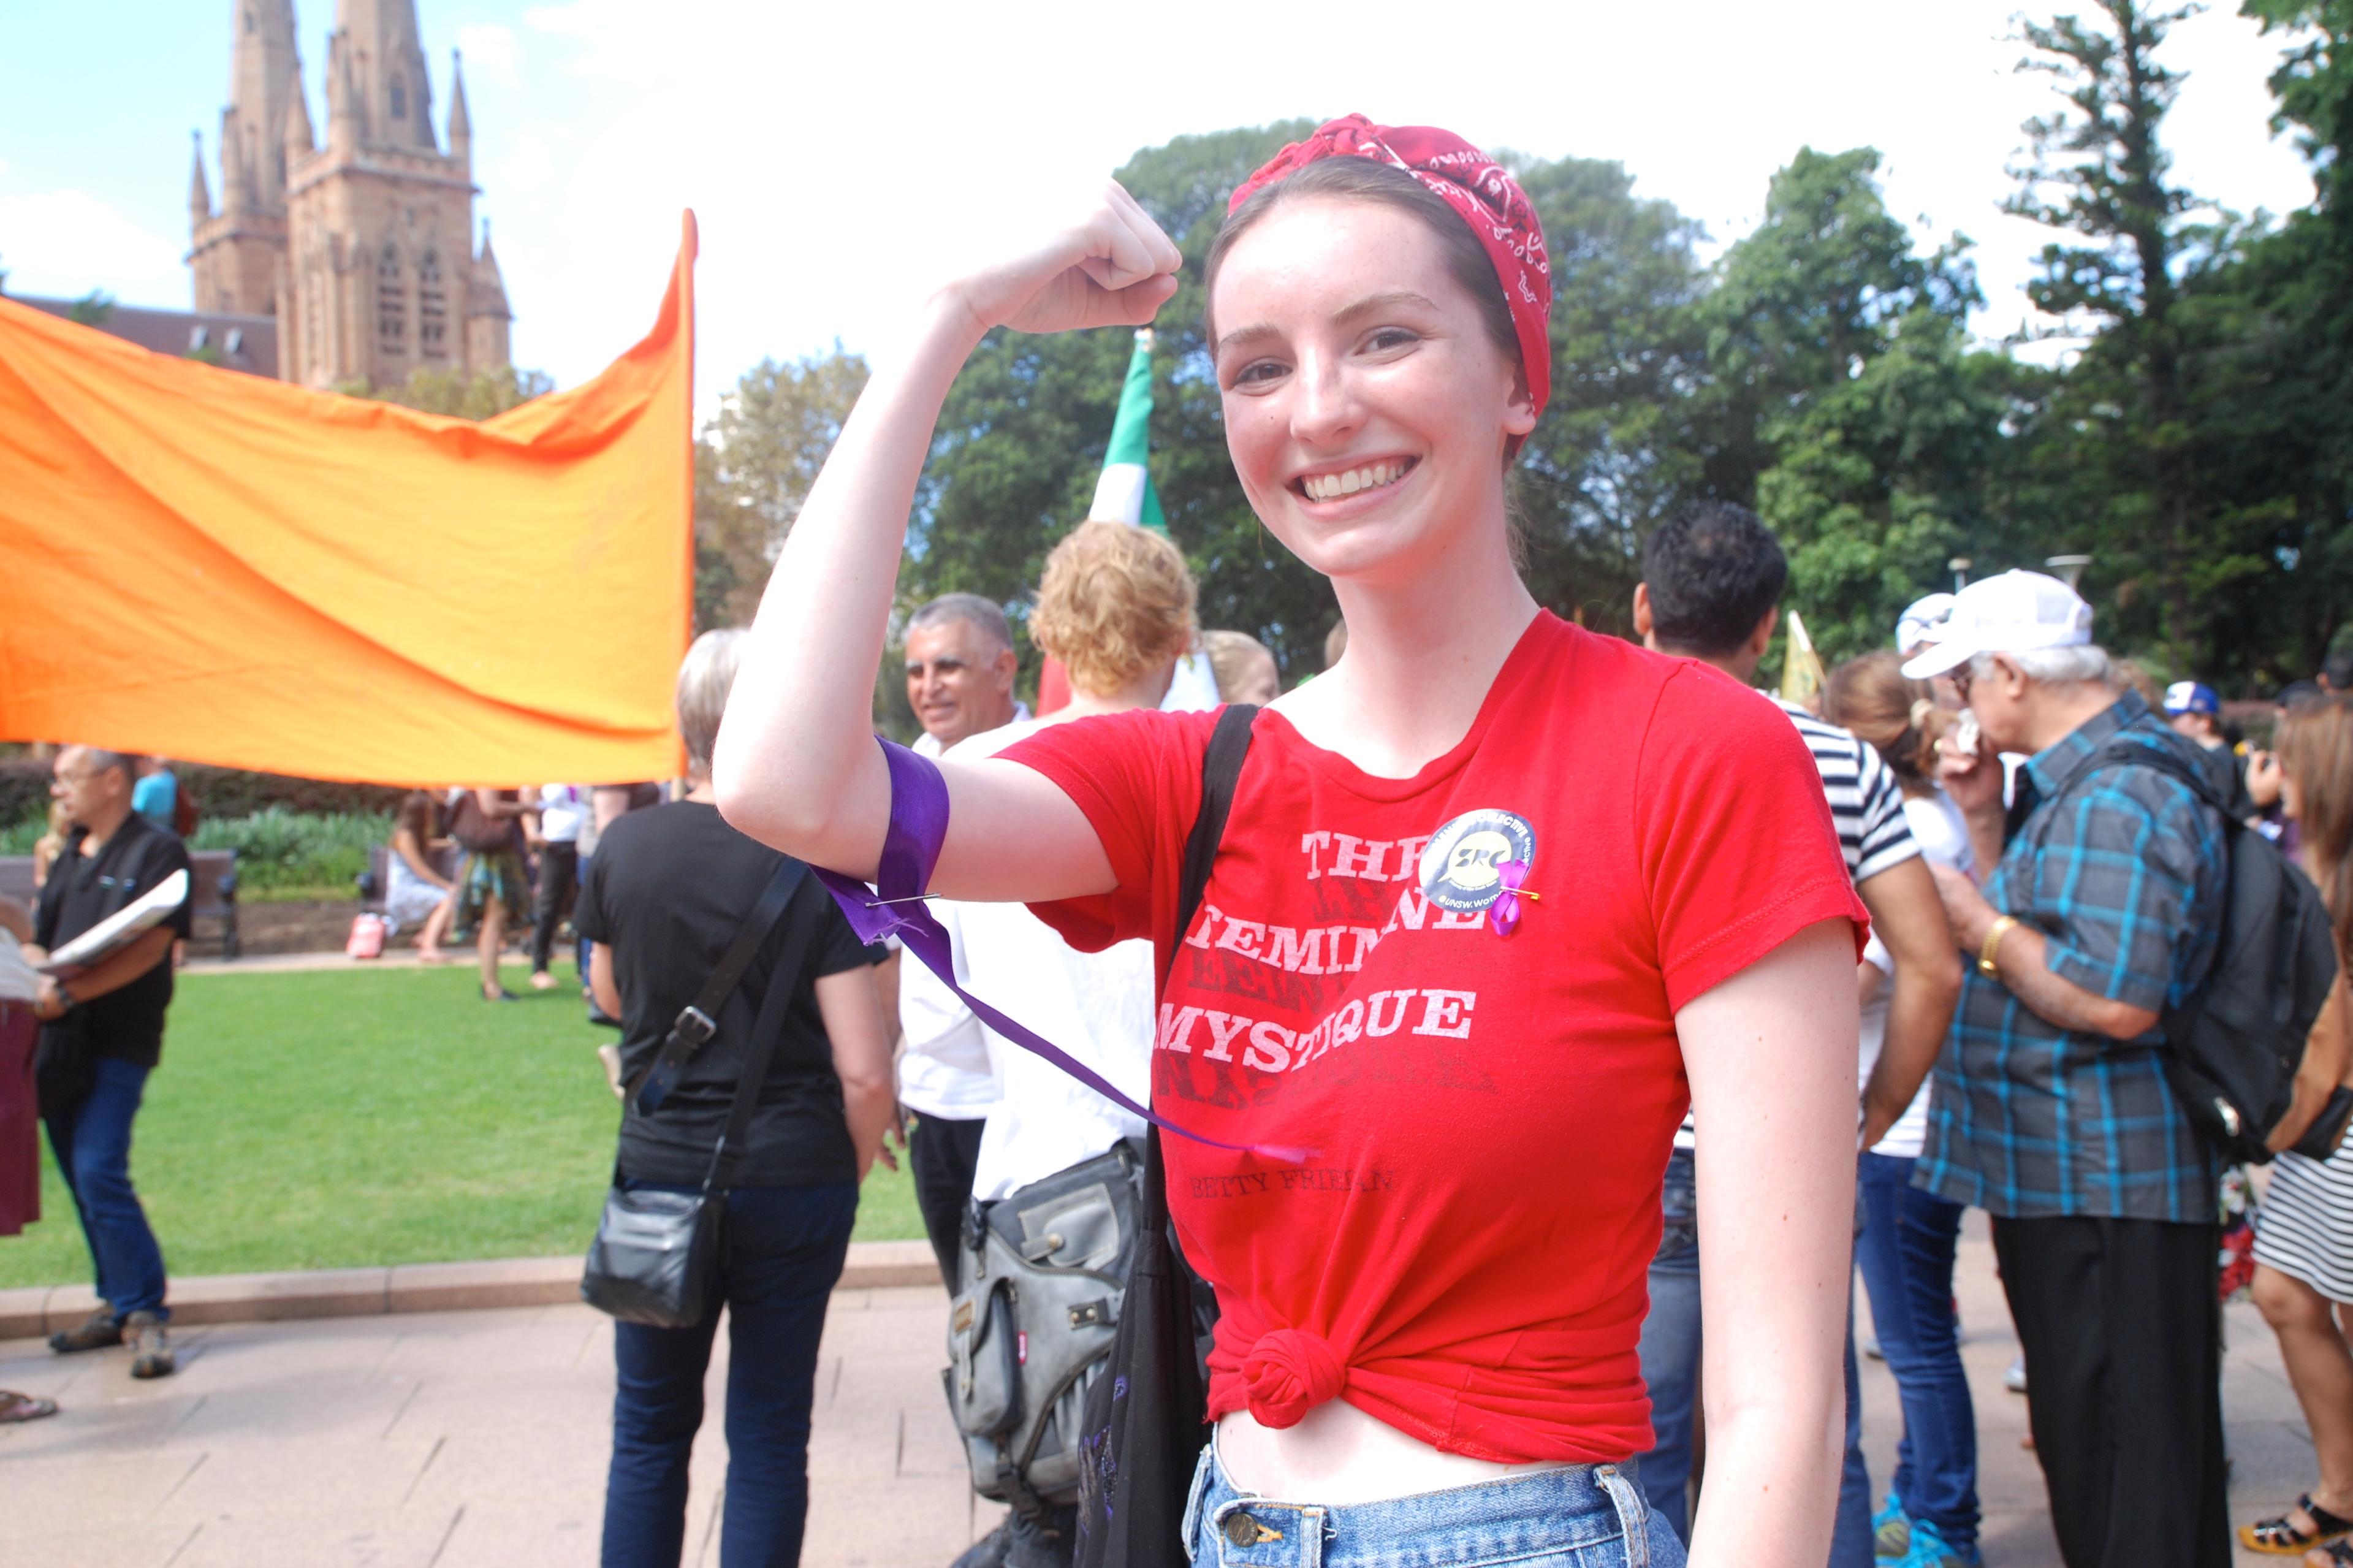 Passeata no Dia Internacional da Mulher, na Austrália, em 2015